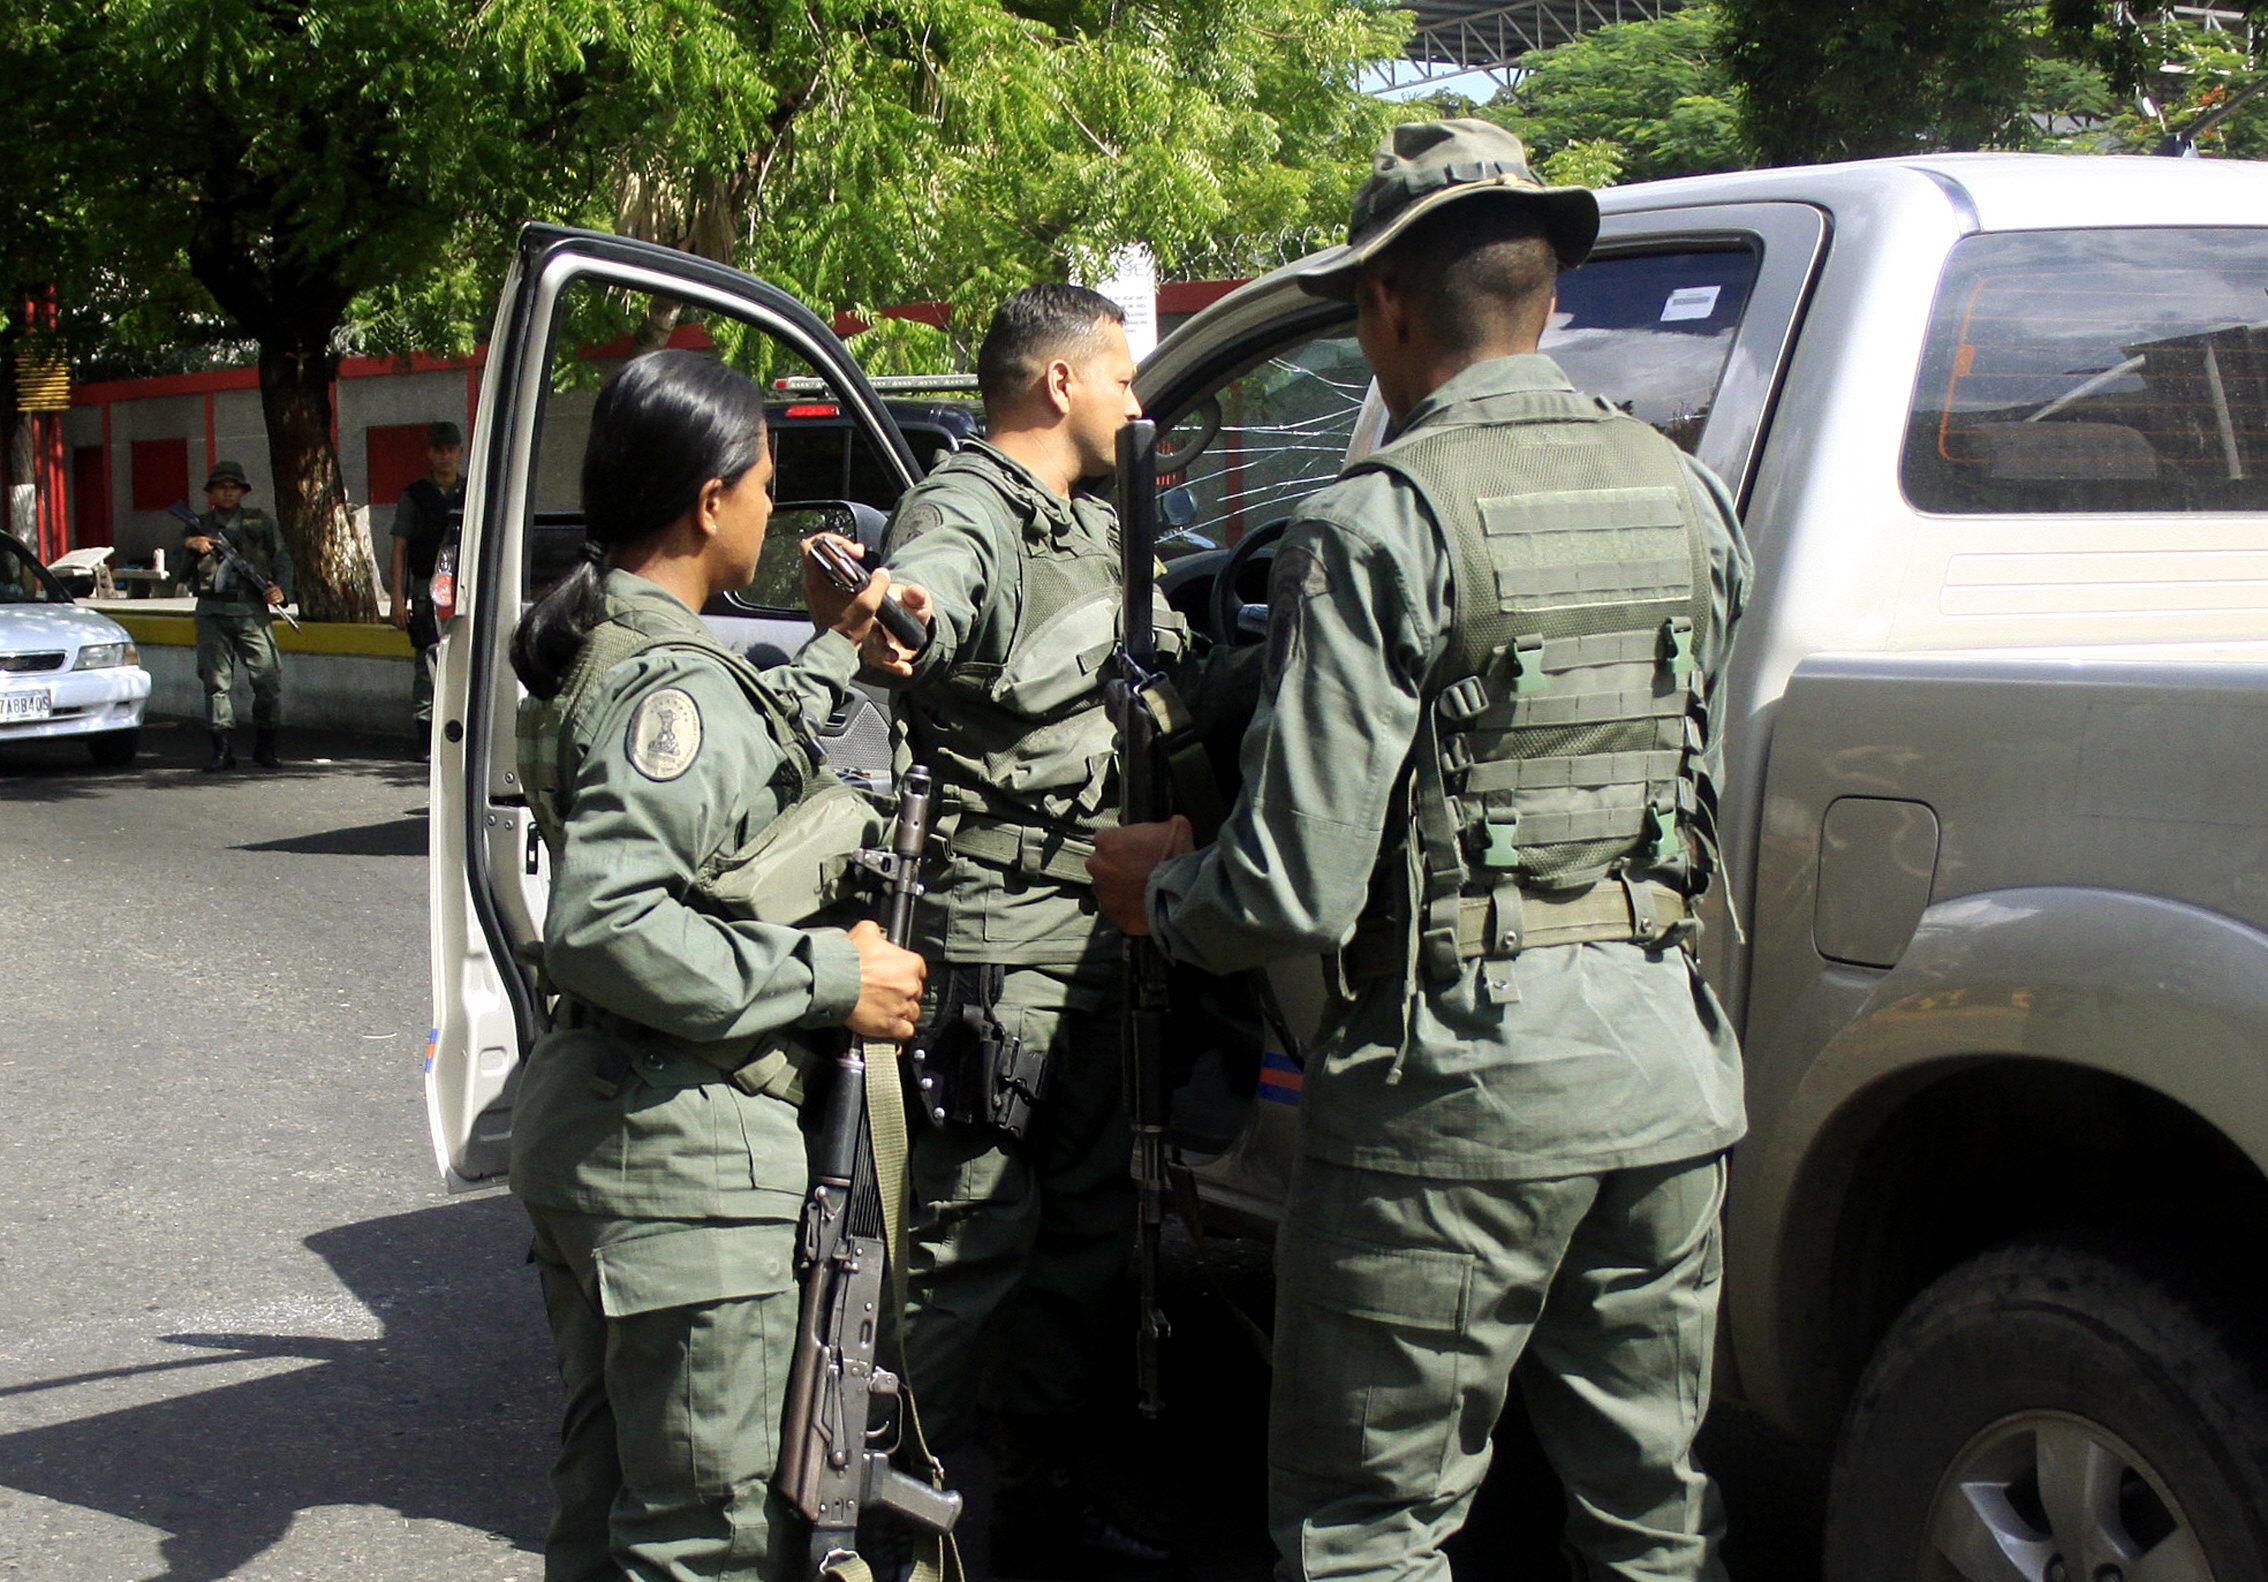 Colombianos casi linchan a militares venezolanos por traspasar la frontera